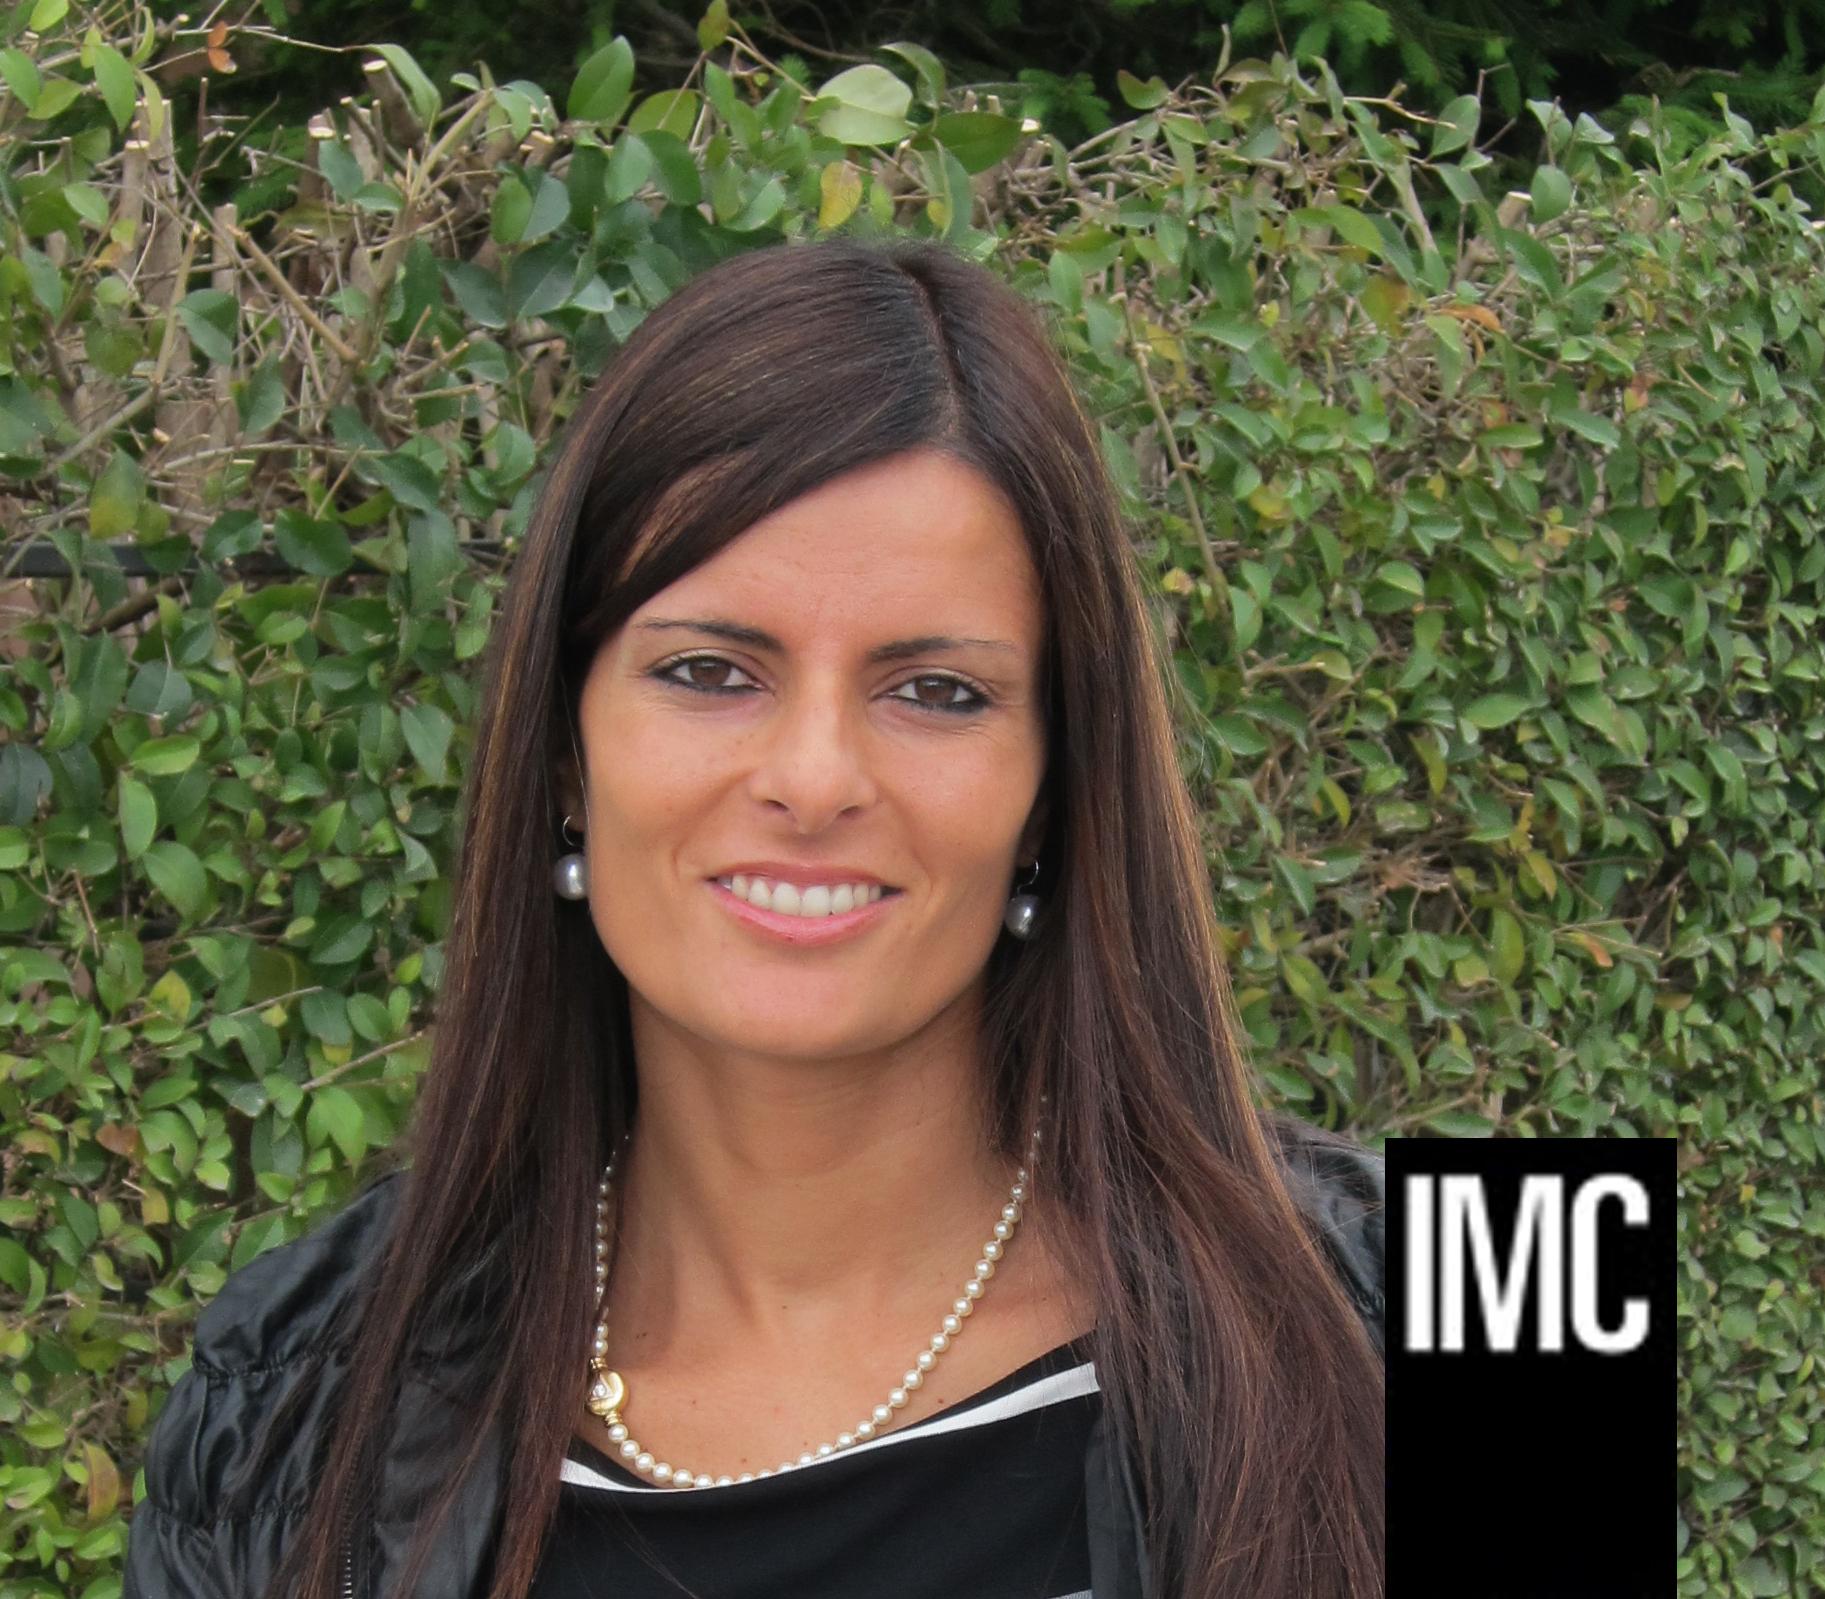 Irene Capozucca primo piano IMC